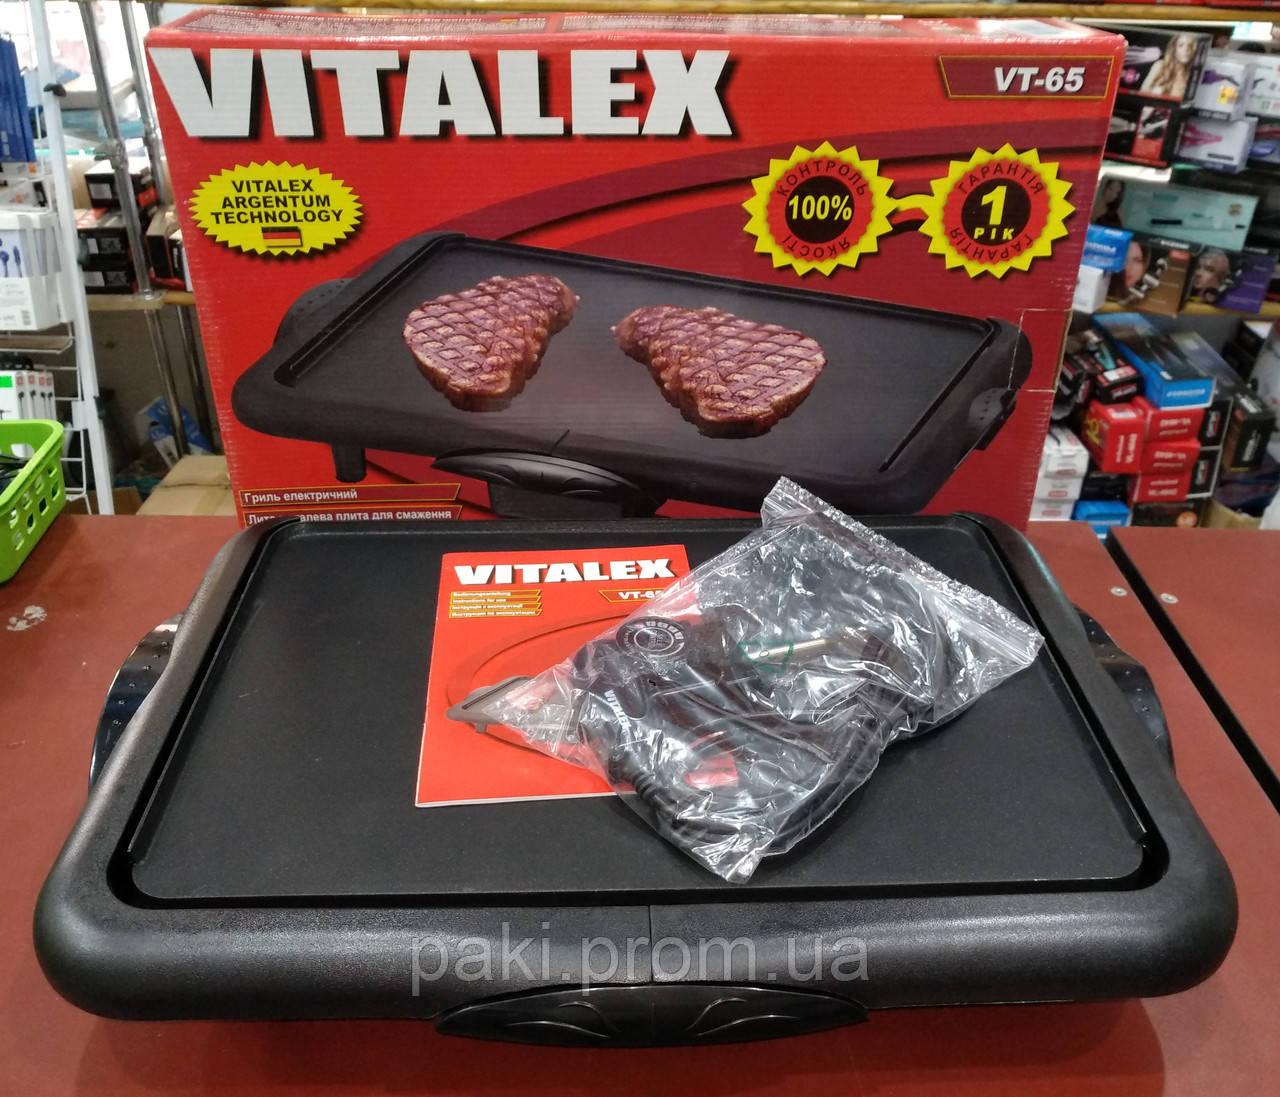 Электрическая сковорода гриль VITALEX VT-65 (5 режимов) 2000W